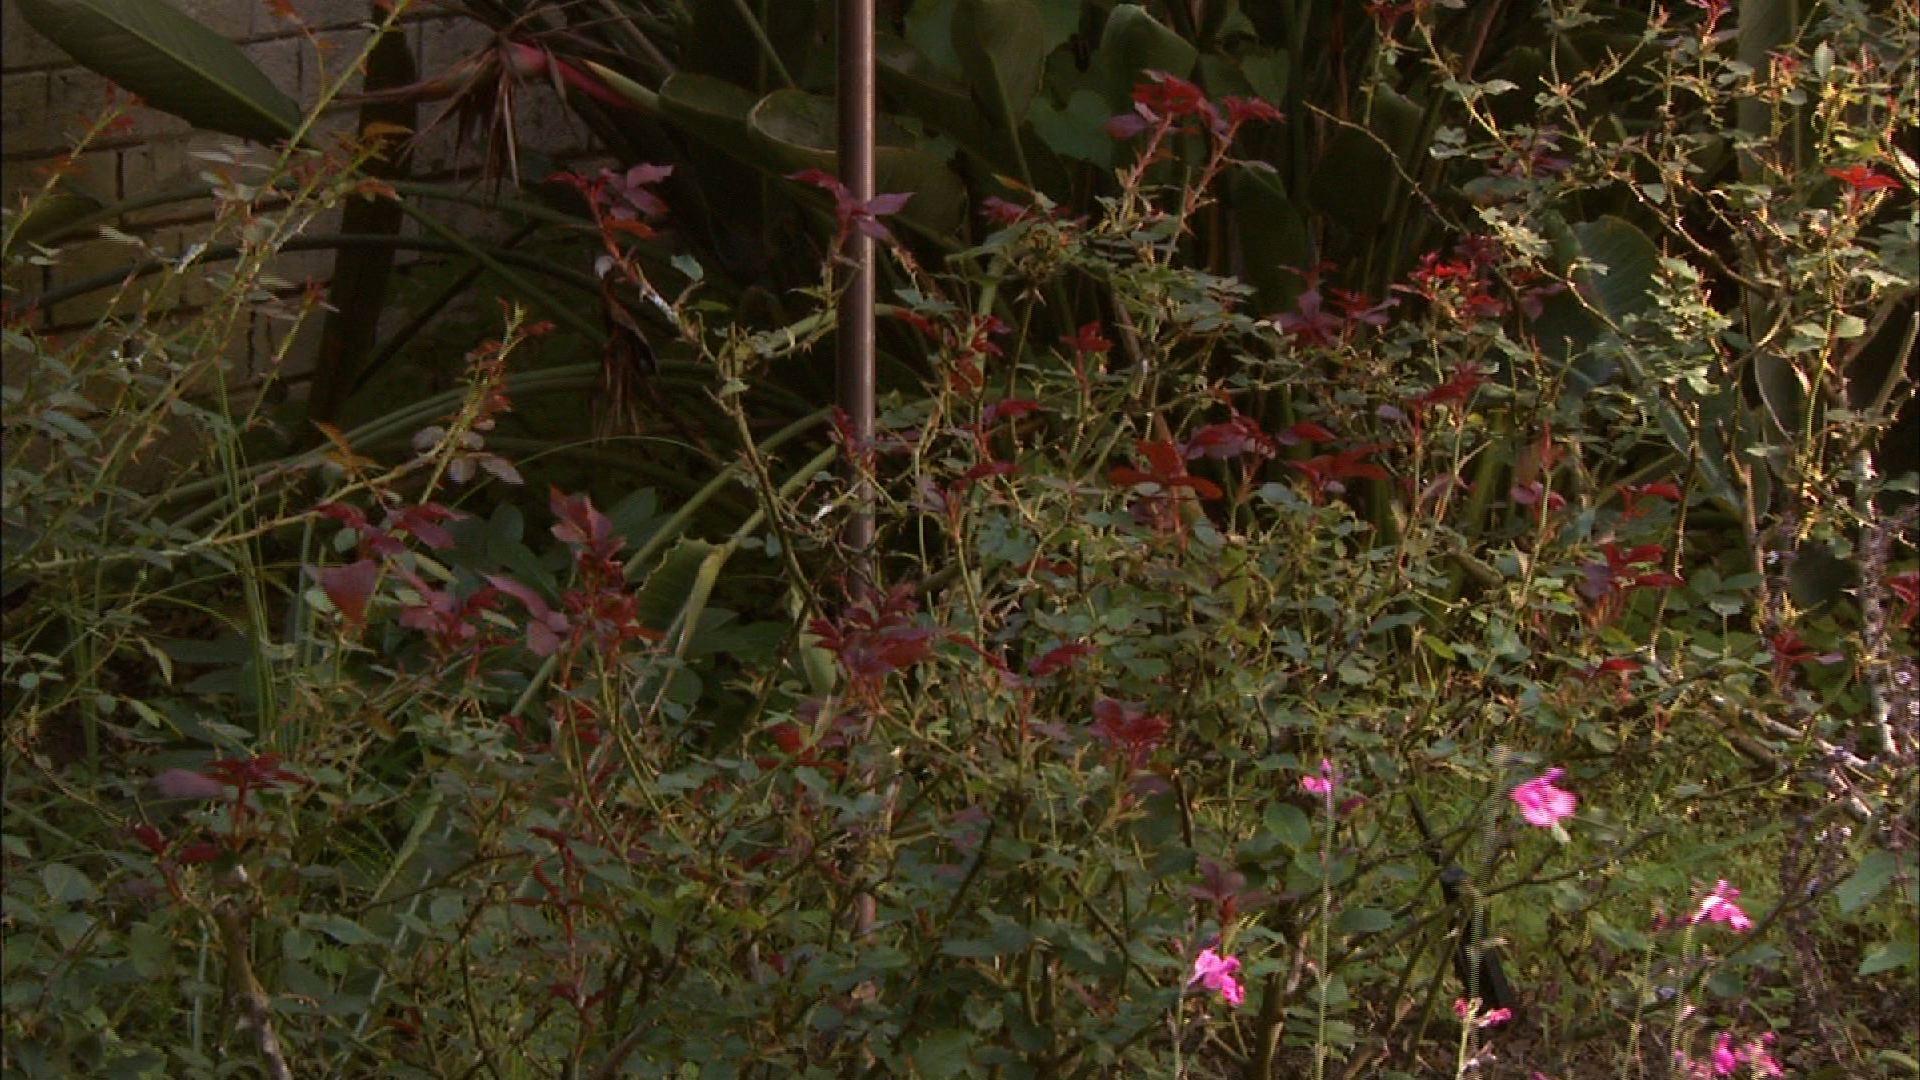 Deer Resistant Plants image